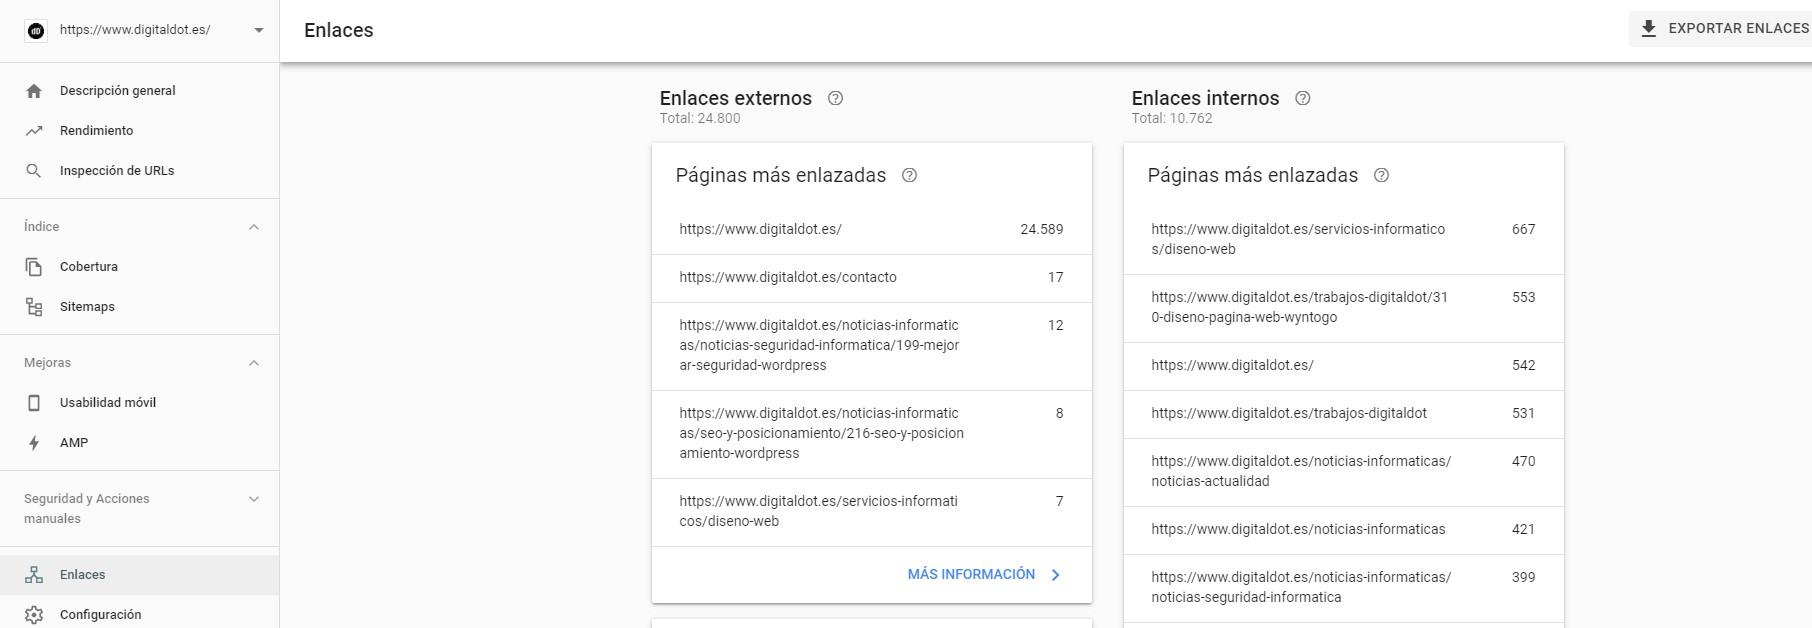 Enlaces web. digitalDot